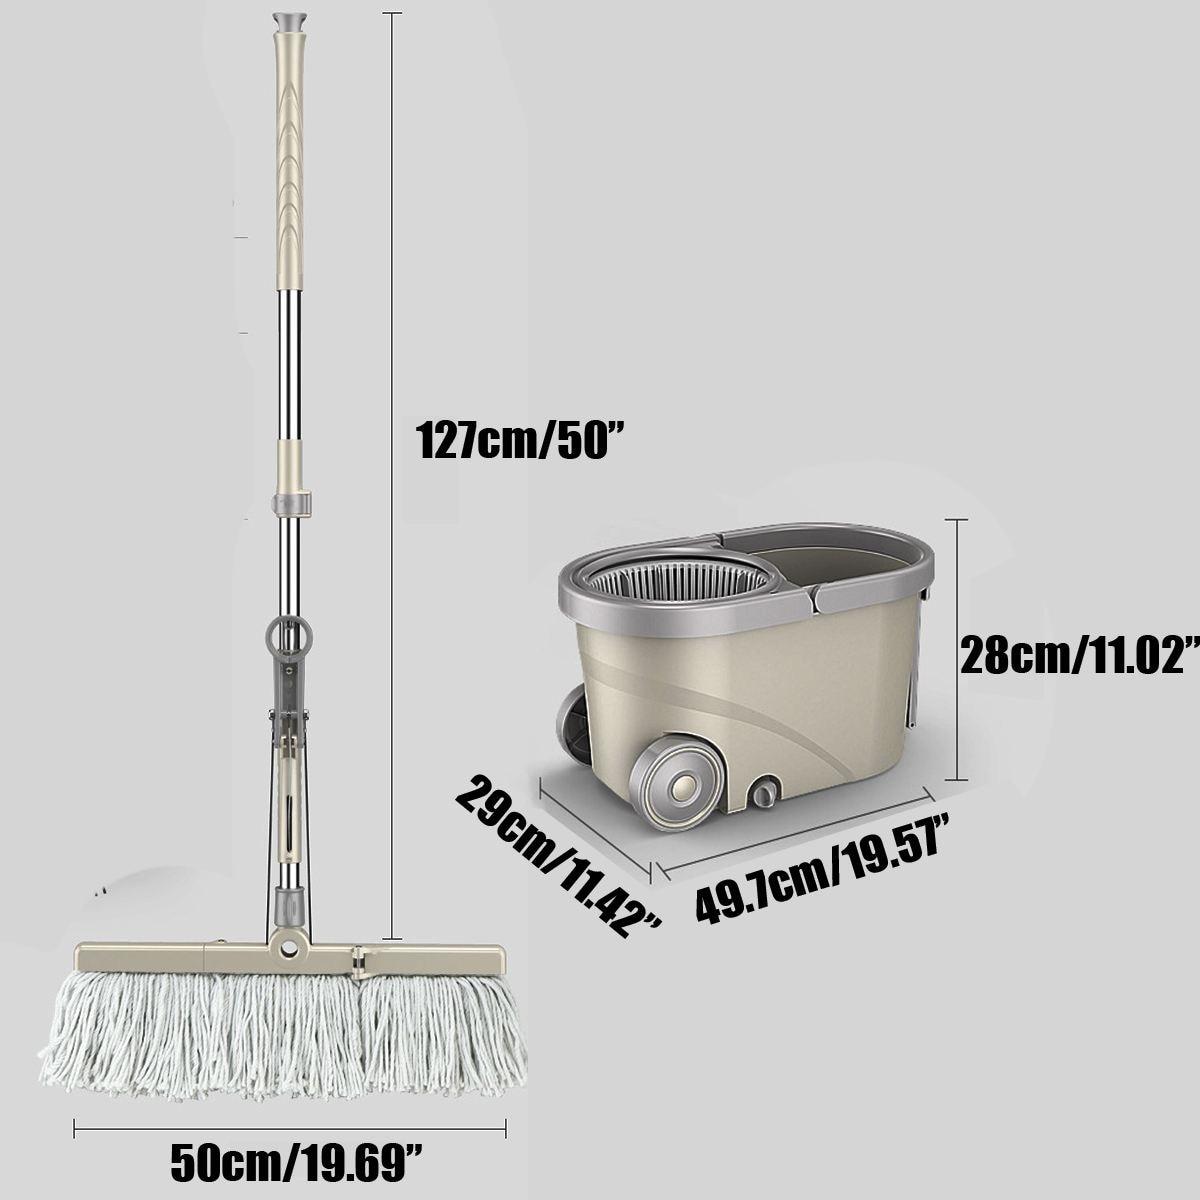 Pavimento Moquette Cleaner Rondella di Pulizia A Vapore Ad alta Pressione Macchina 13in1 AU220V 1.5L4.0 1800W Bar 360 Ruota per il Bagno Pulito auto - 5